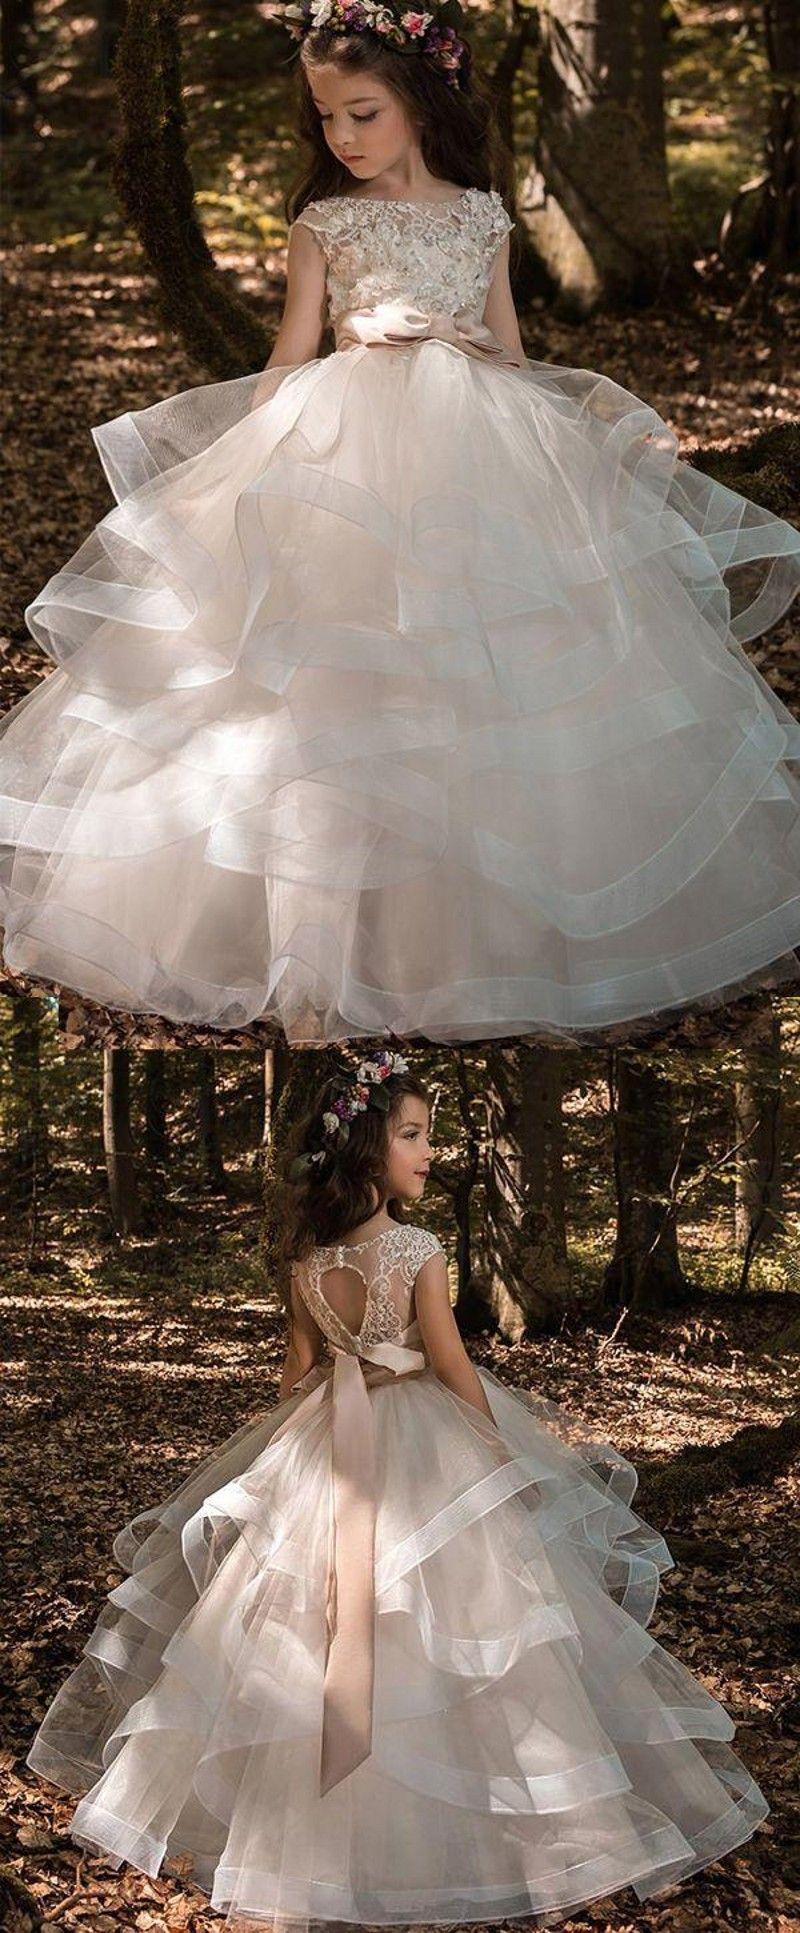 Camadas Ruffles Tulle Vestidos De Baile Meninas Pageant Vestidos Arco Até O Chão Flor Menina Vestido de Renda Frisado Bateau Cap Mangas Crianças Vestidos De Casamento